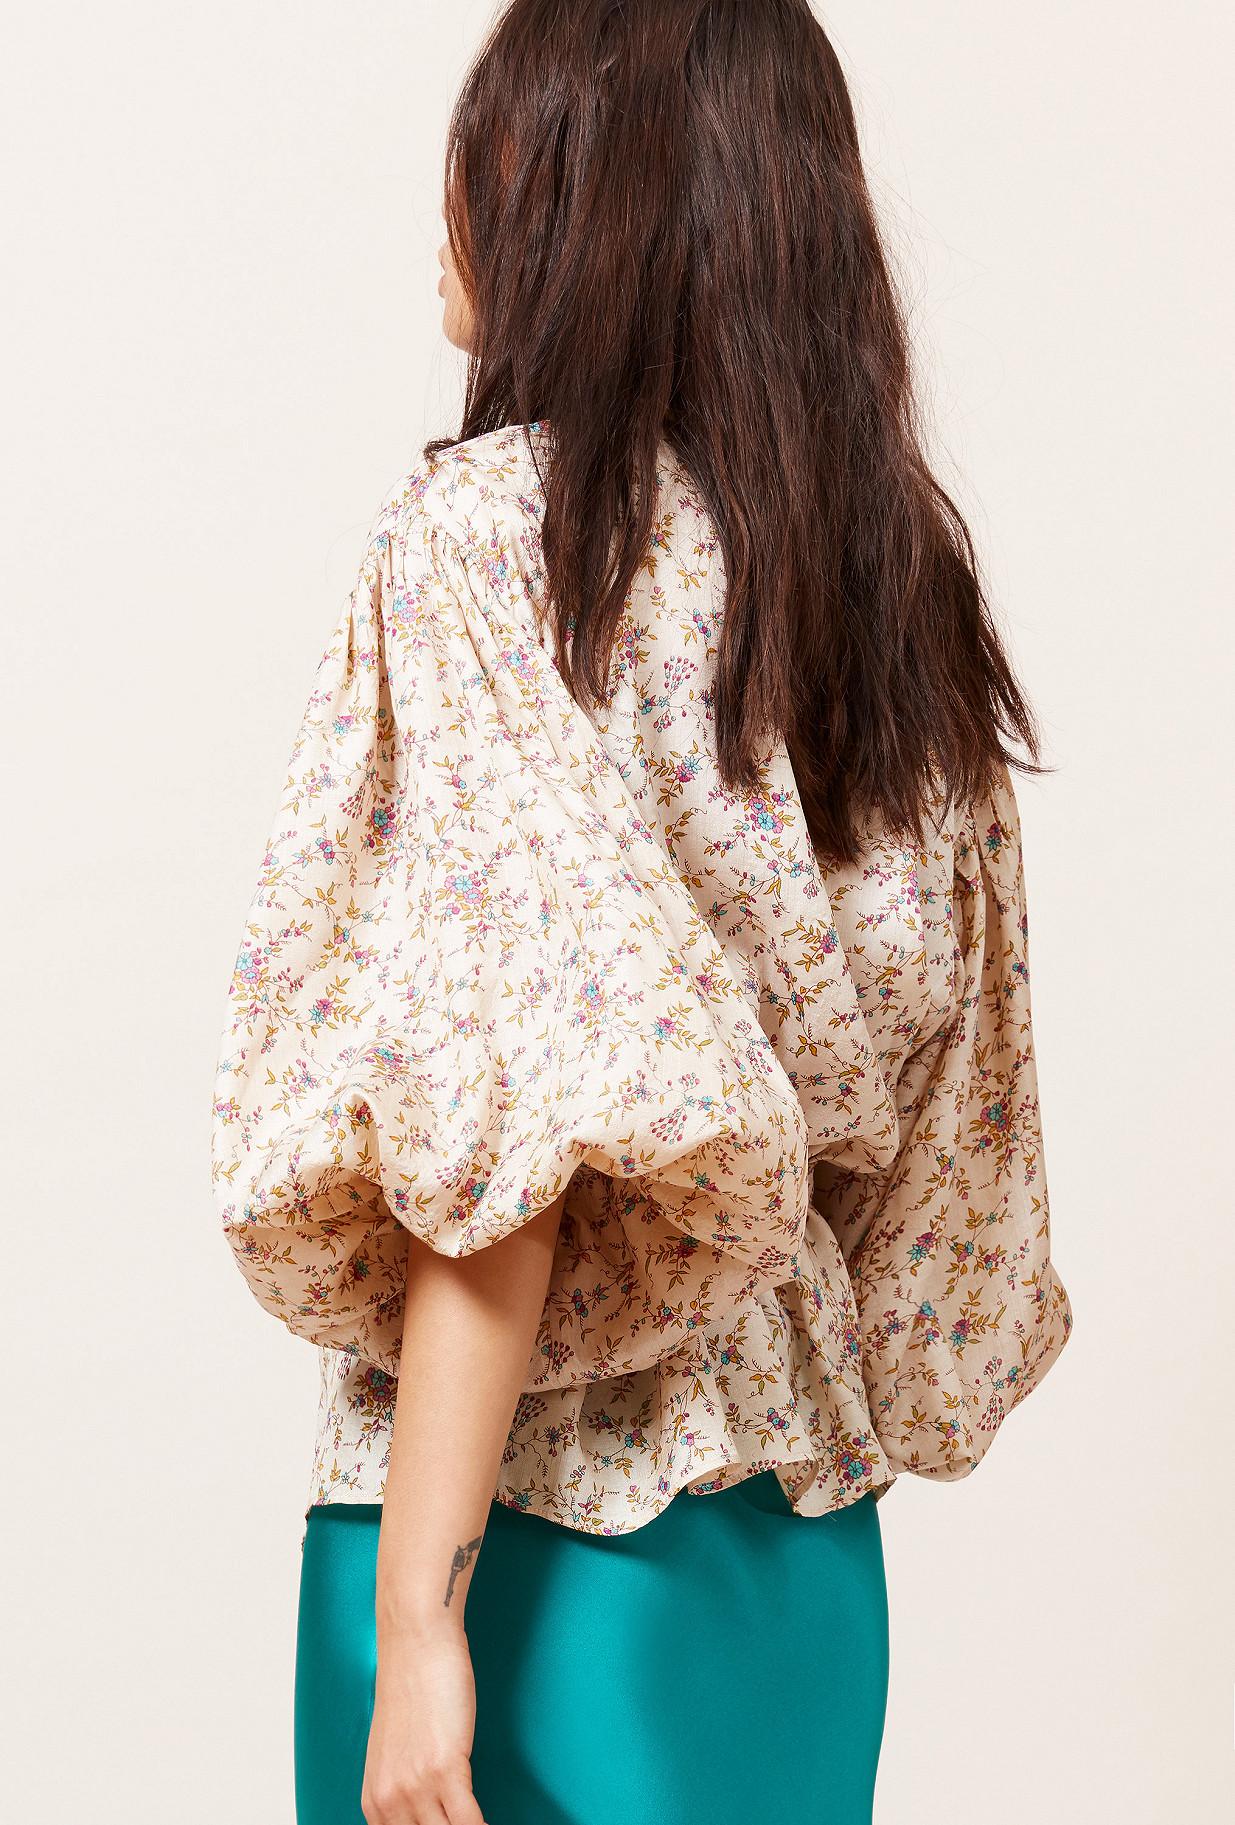 Paris clothes store Kimono  Gondolfo french designer fashion Paris